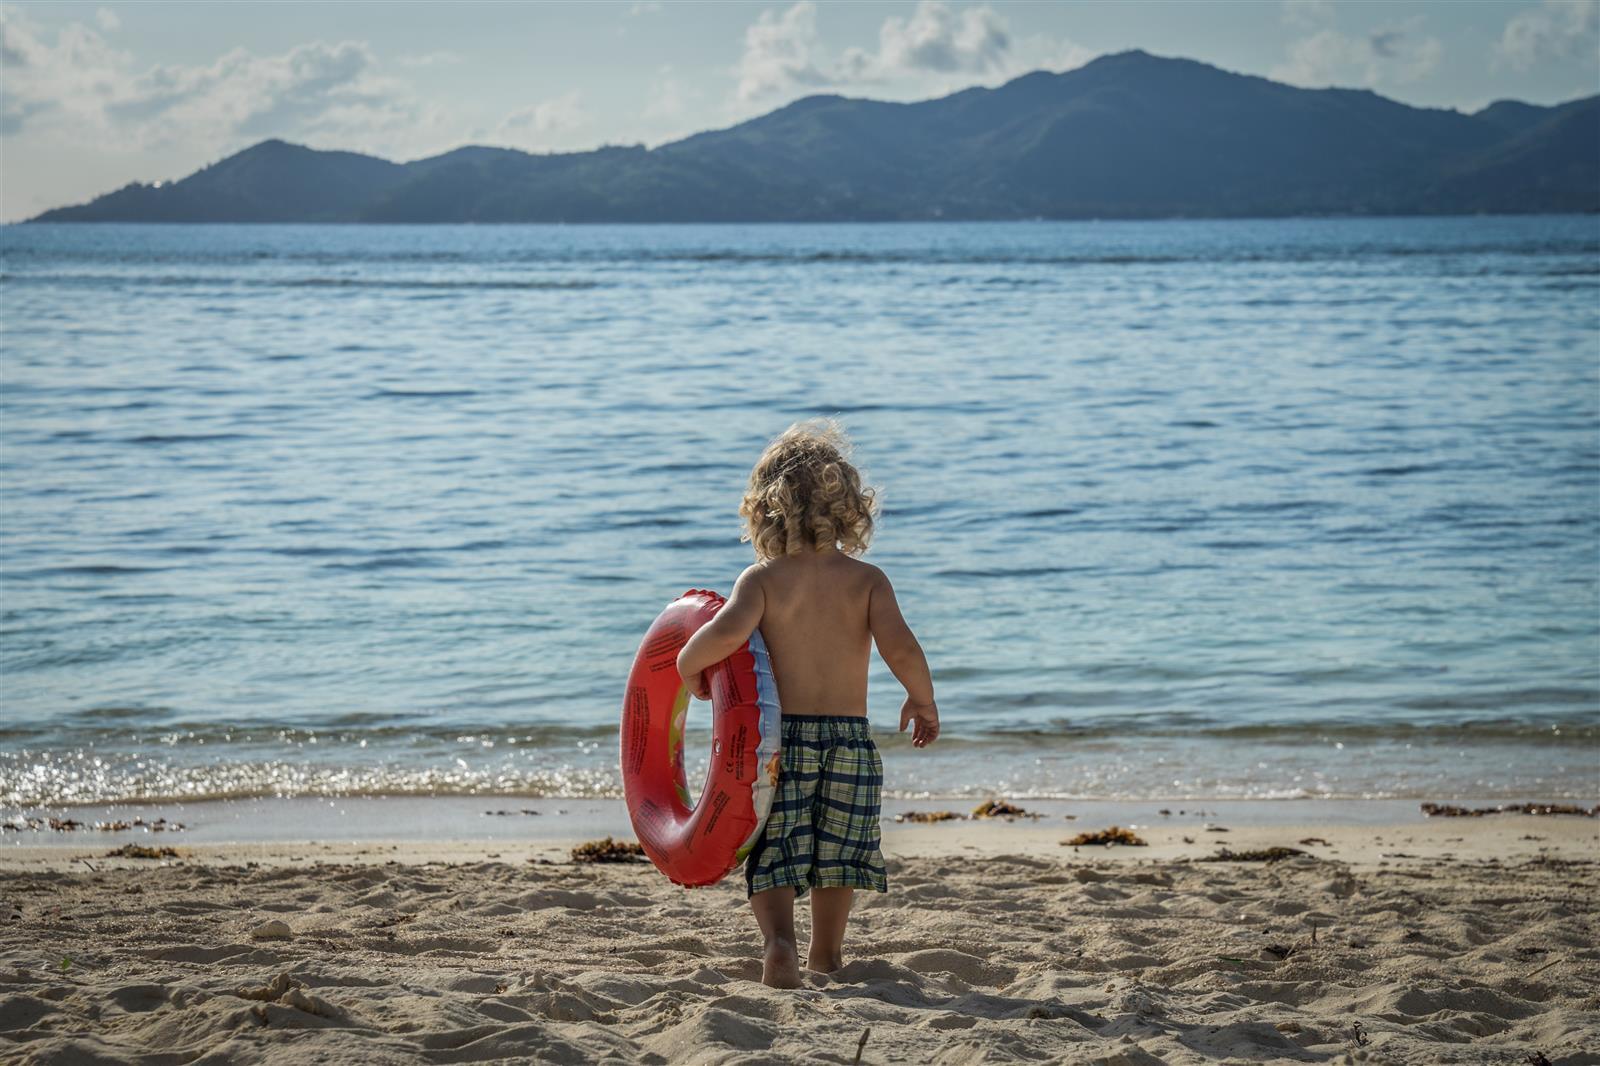 אל דאגה: גם הילדים יהנו כאן (צילום: איתמר קוטלר) (צילום: איתמר קוטלר)